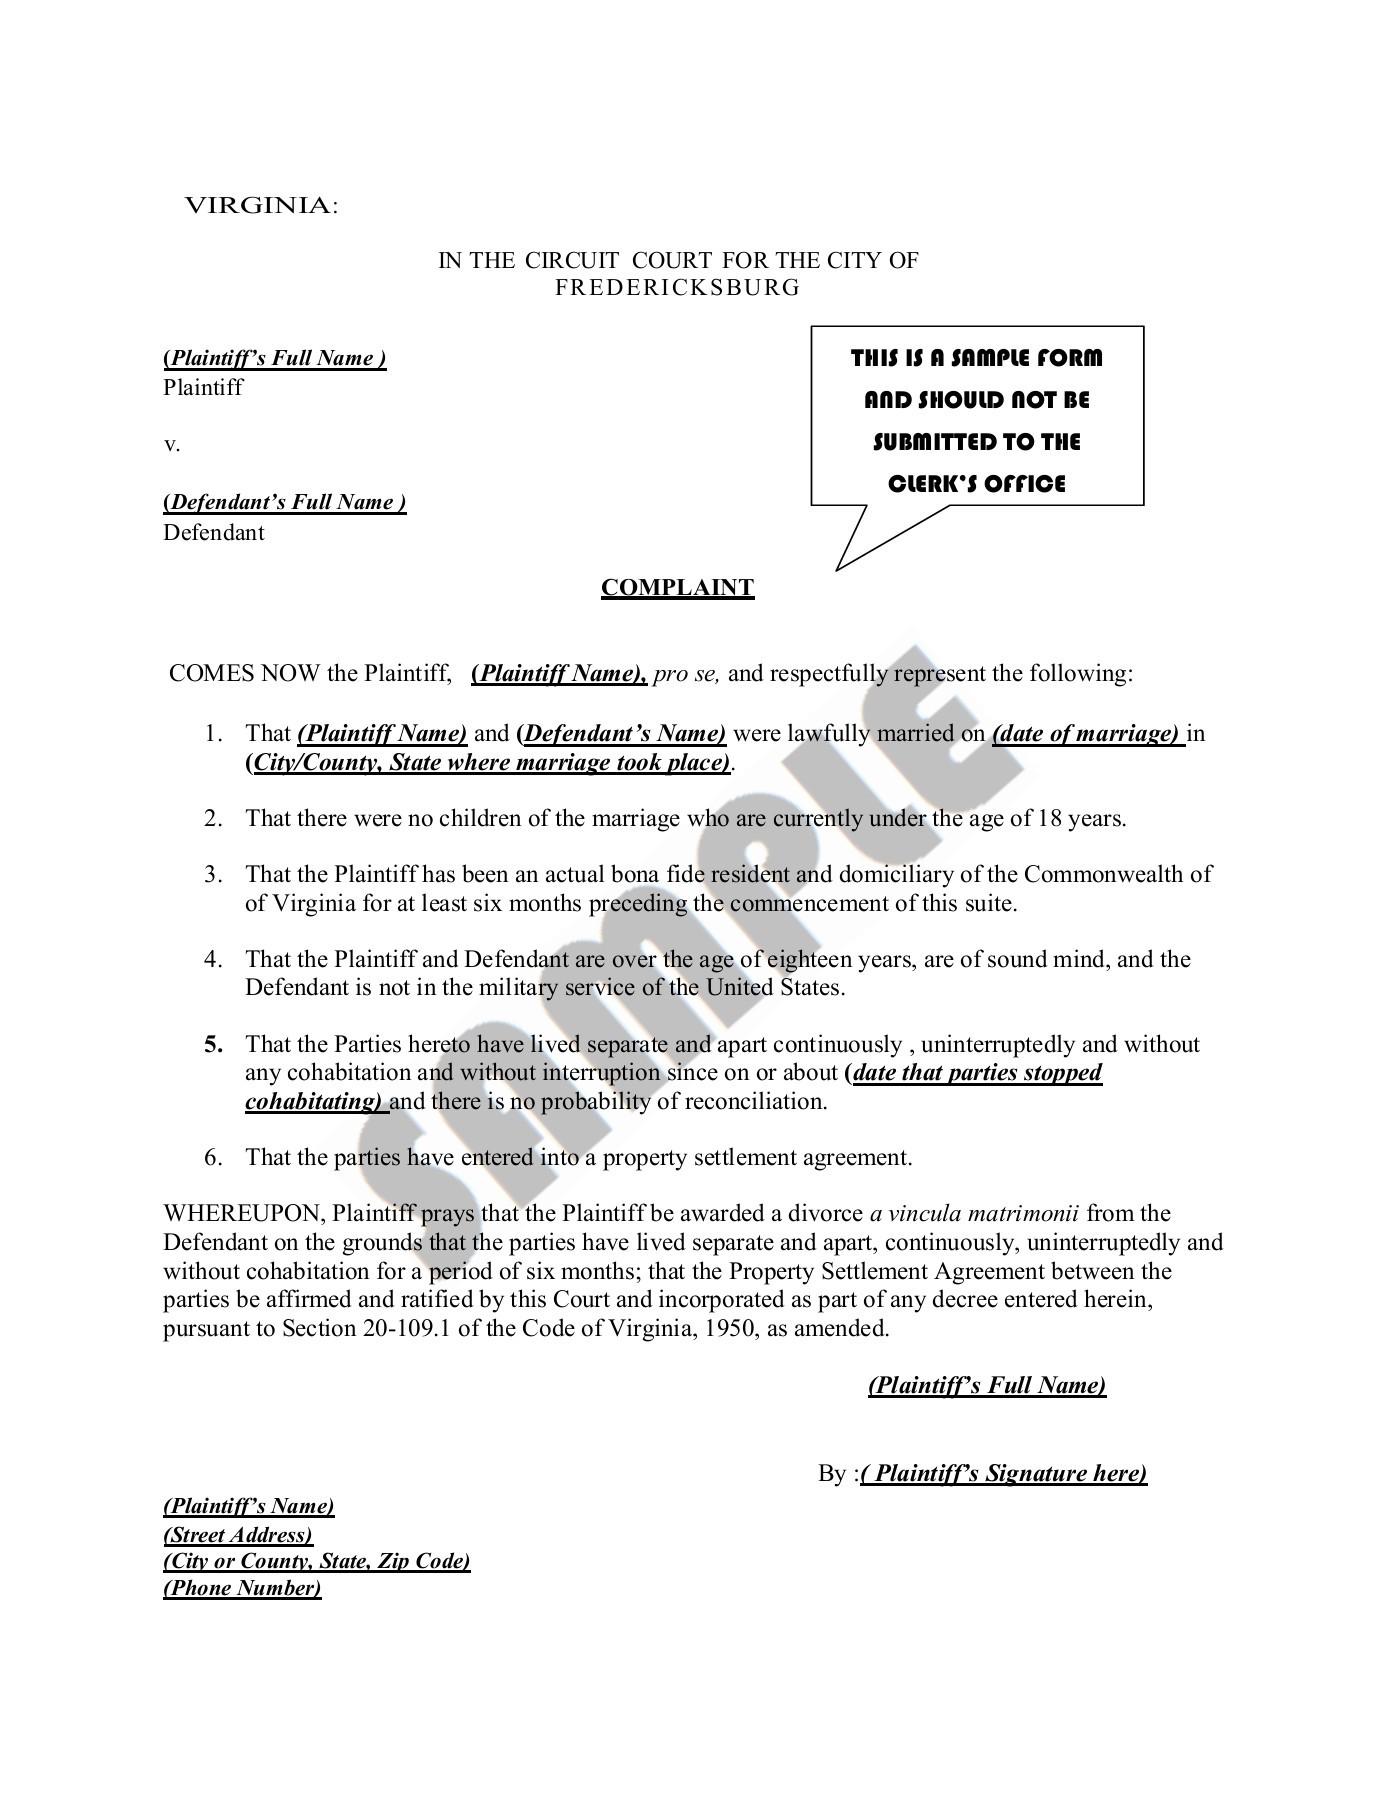 Divorce Settlement Agreement Template Virginia